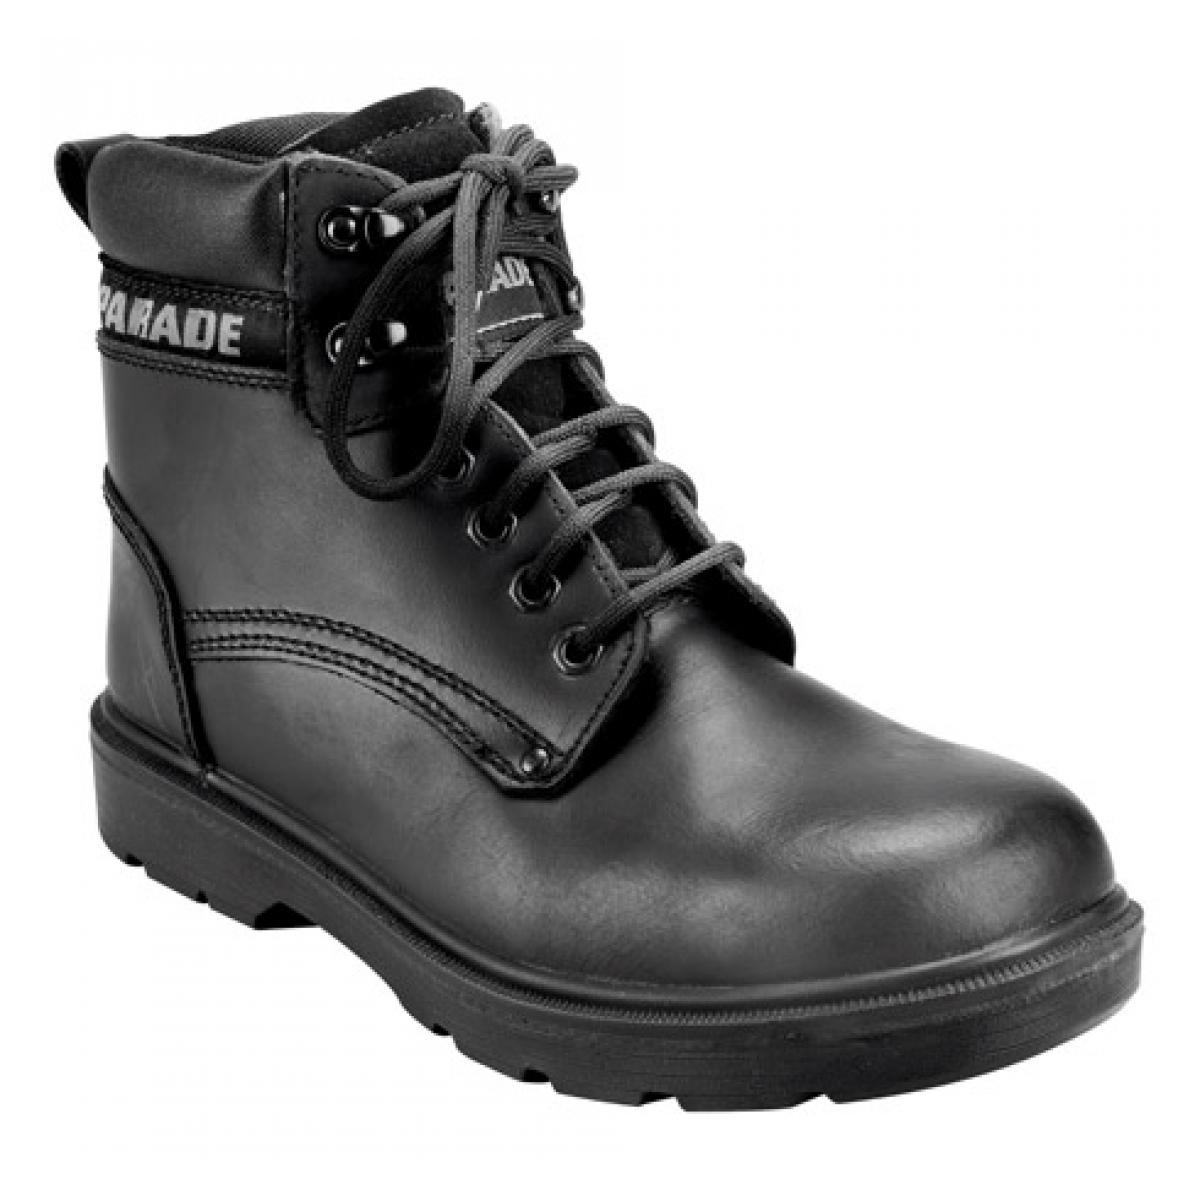 Parade Paire de chaussures brodequins Parade Kansas - noir - Pointure 41